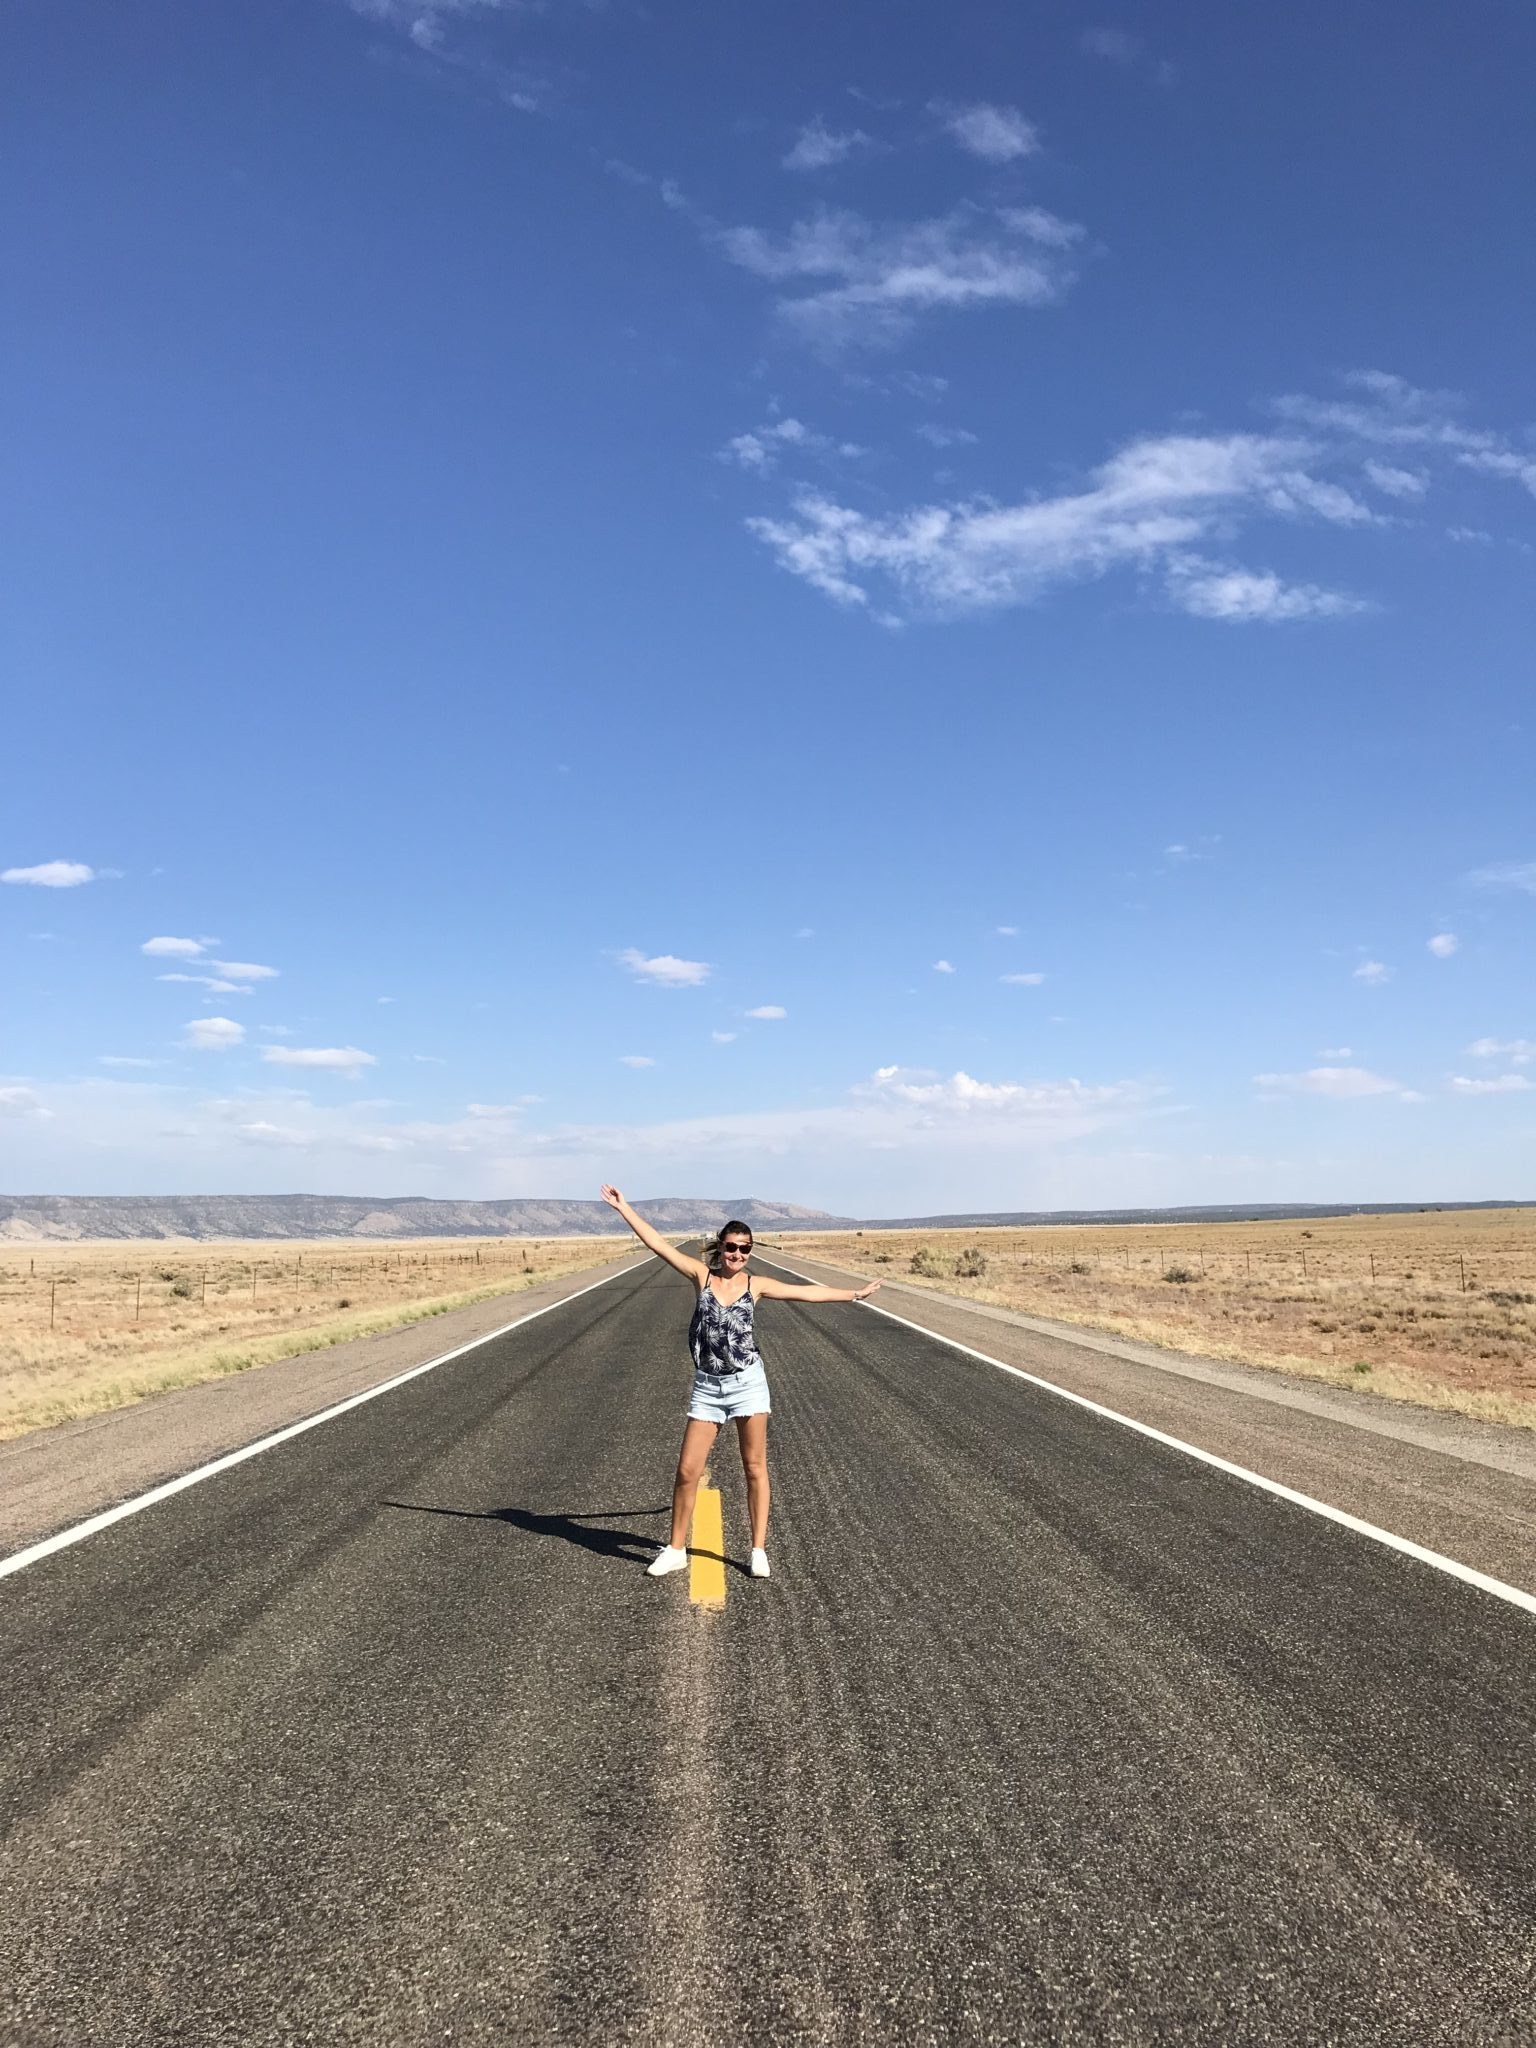 journee-route-66-ouest-americain-que-faire